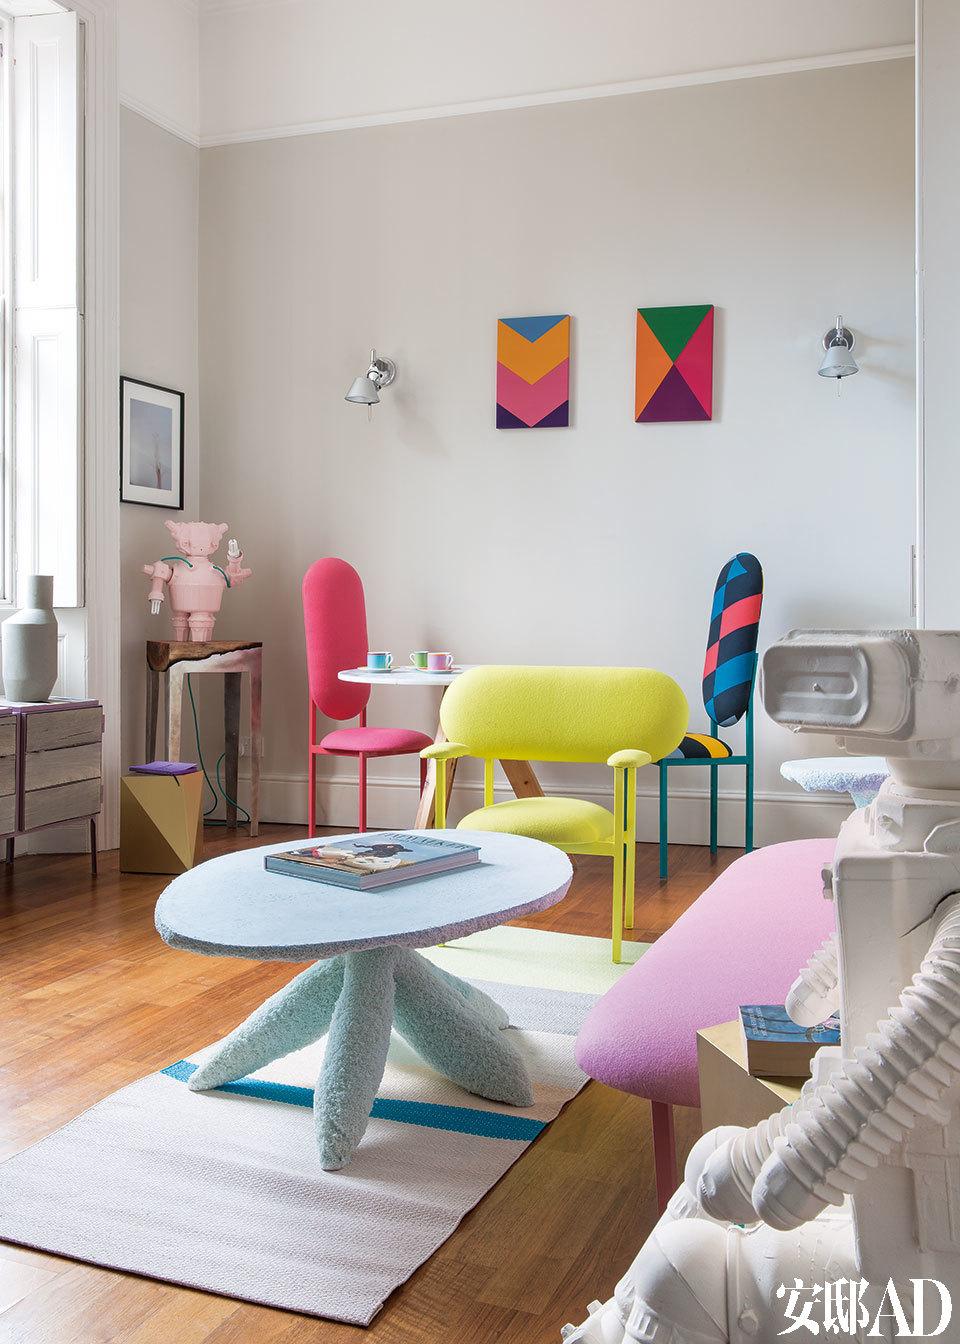 客厅里粉色机器人陶瓷灯具由Matias Liimatainen设计。照片后方墙上的几何图形画作同样是David David的丙烯画。壁灯是Michele de Lucchi的设计,Artemide生产。